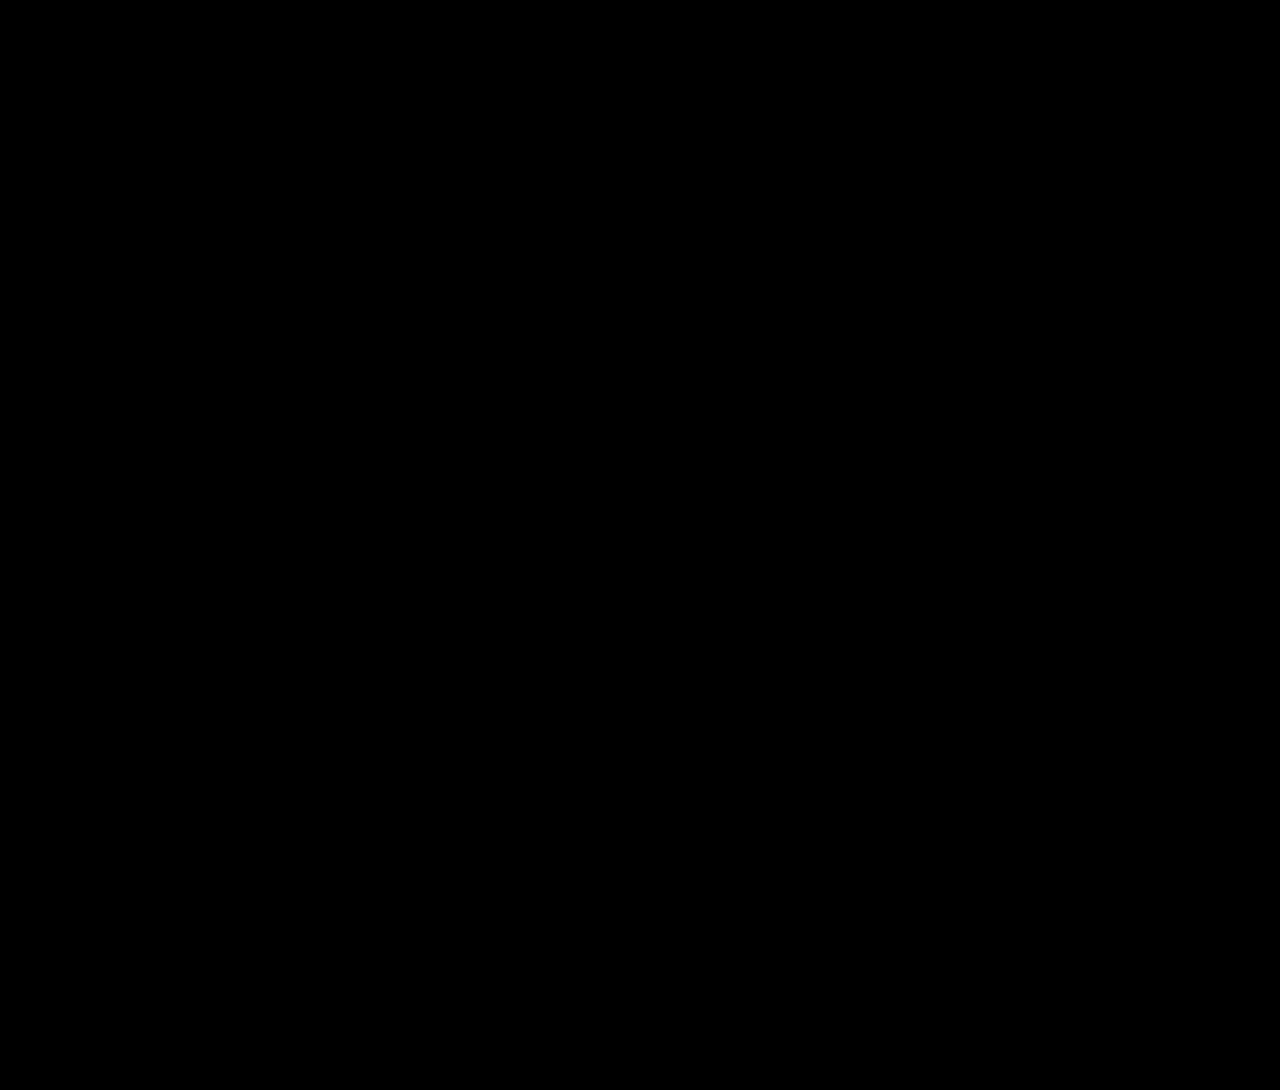 oil-1415372_1280